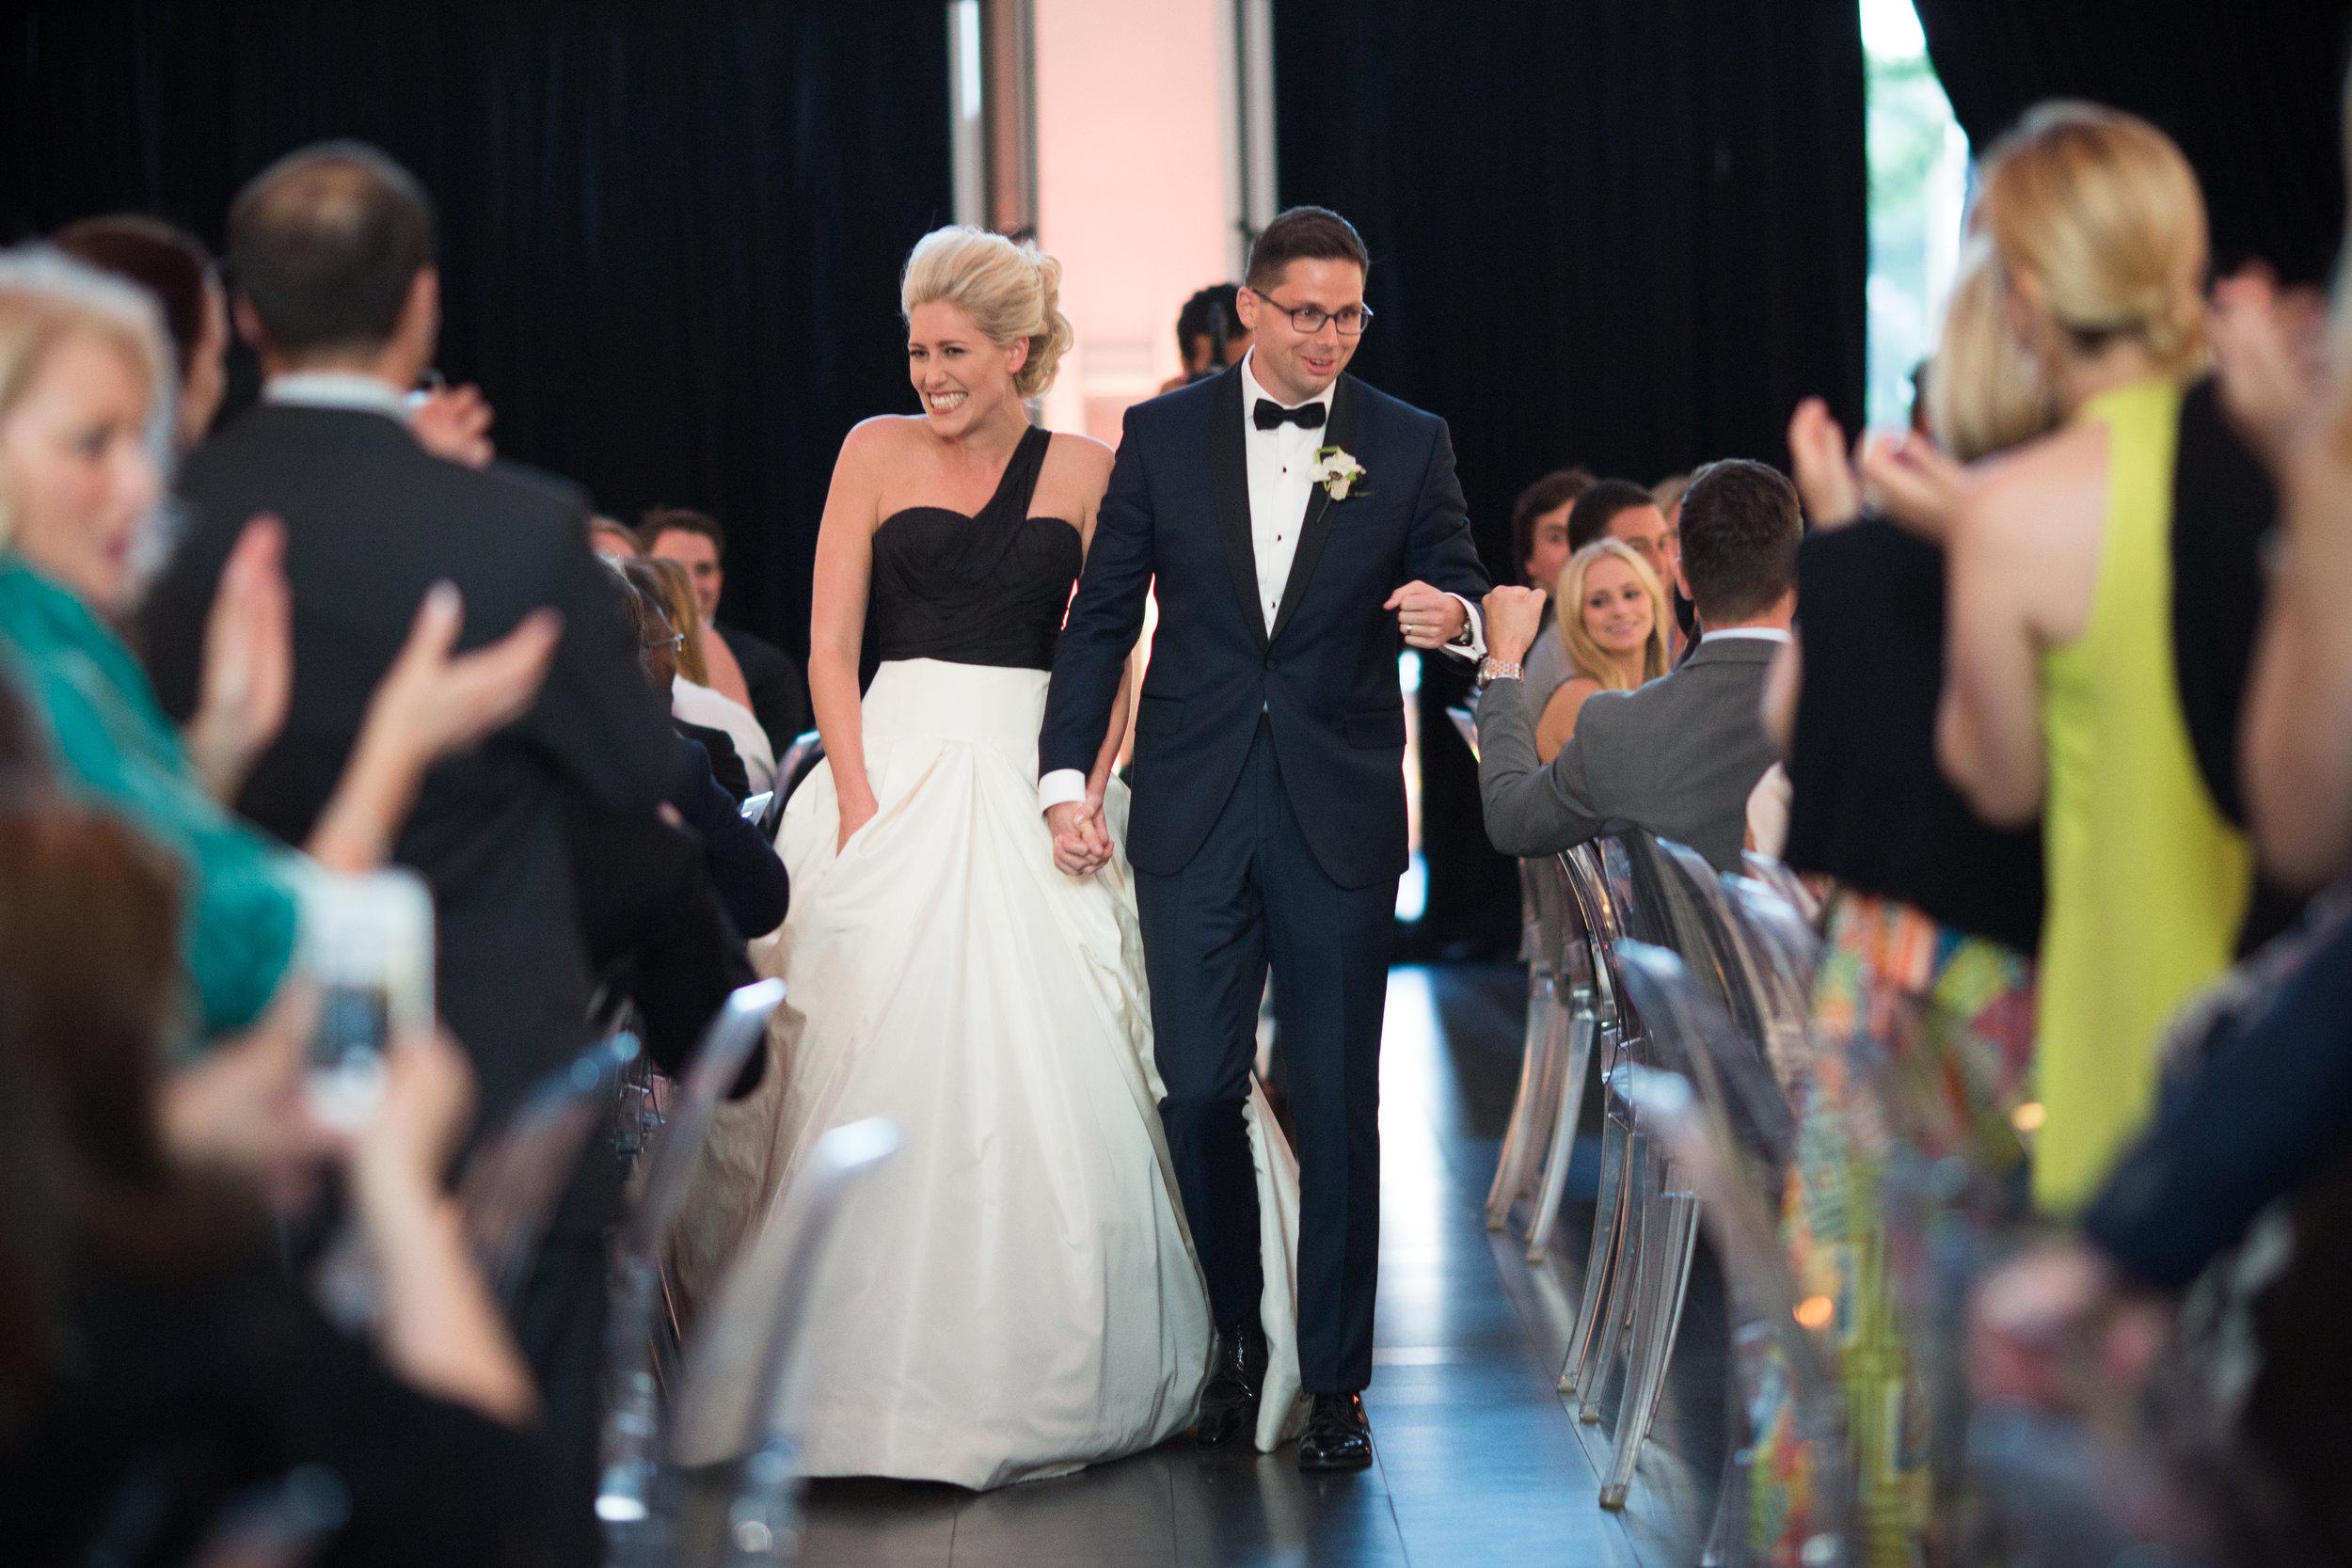 Wedding Reception at MCA Chicago in Summer